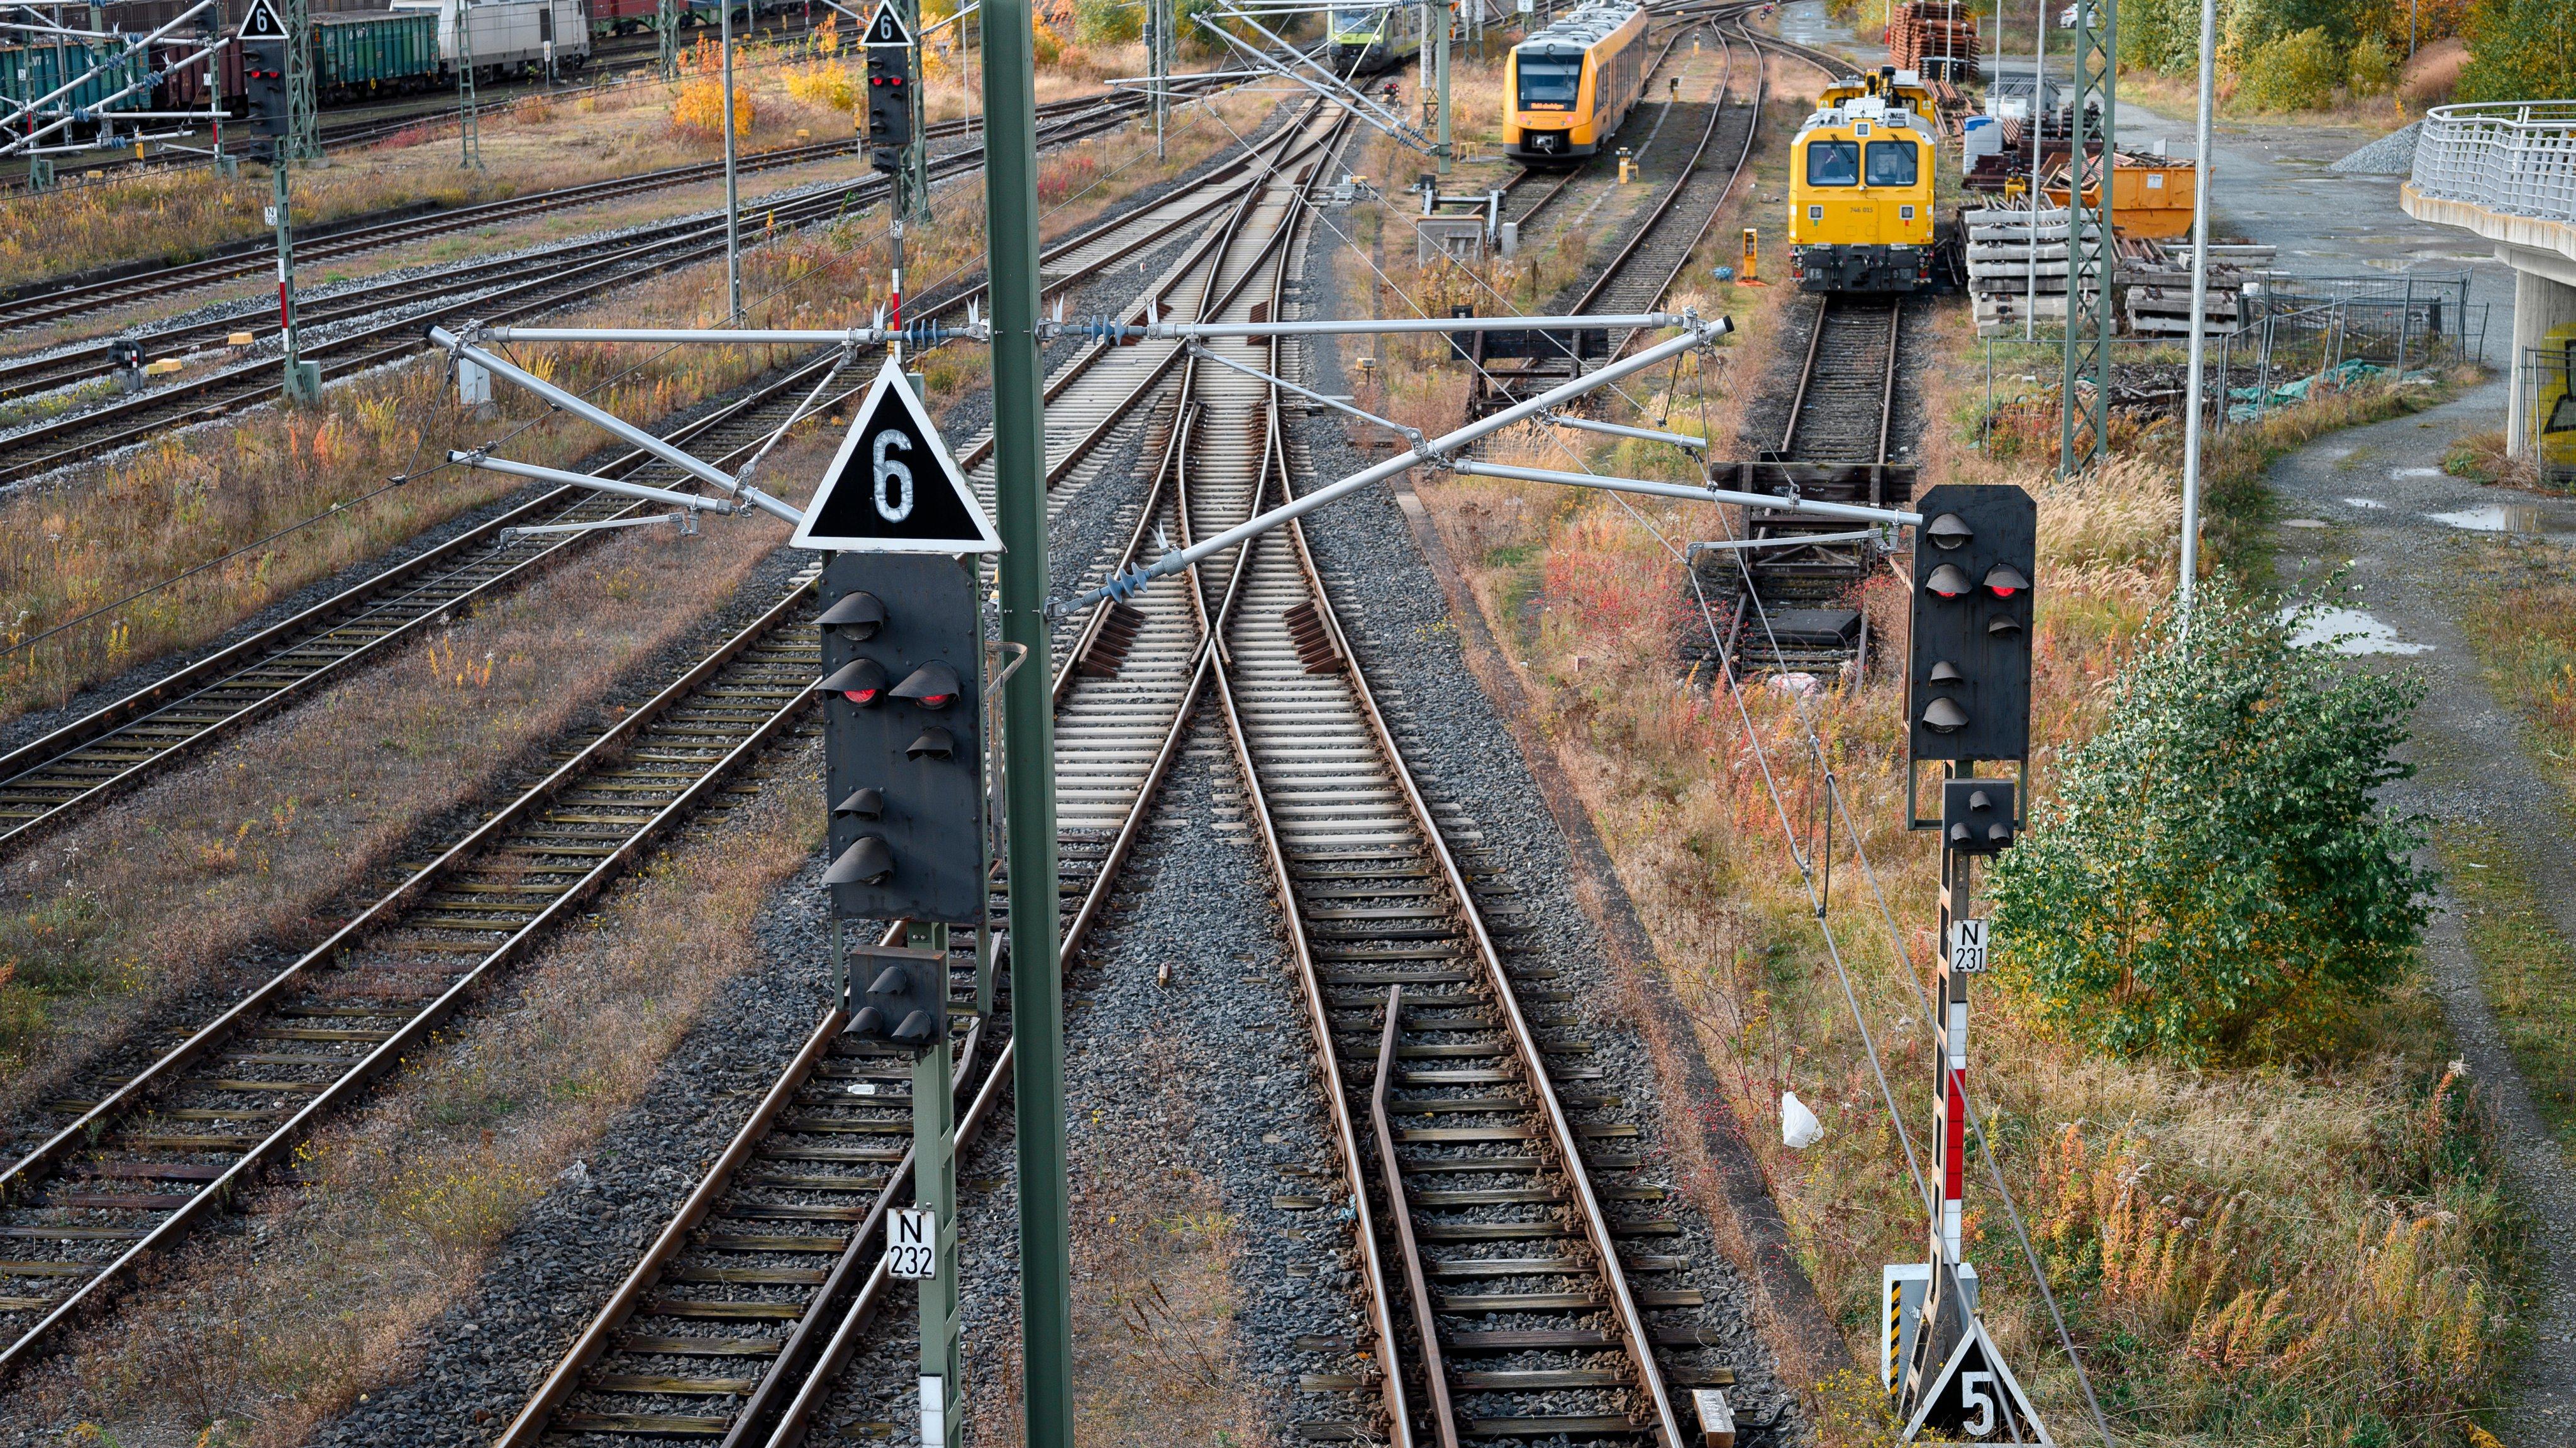 Estação Hof, na Alemanha 21 de outubro de 2021